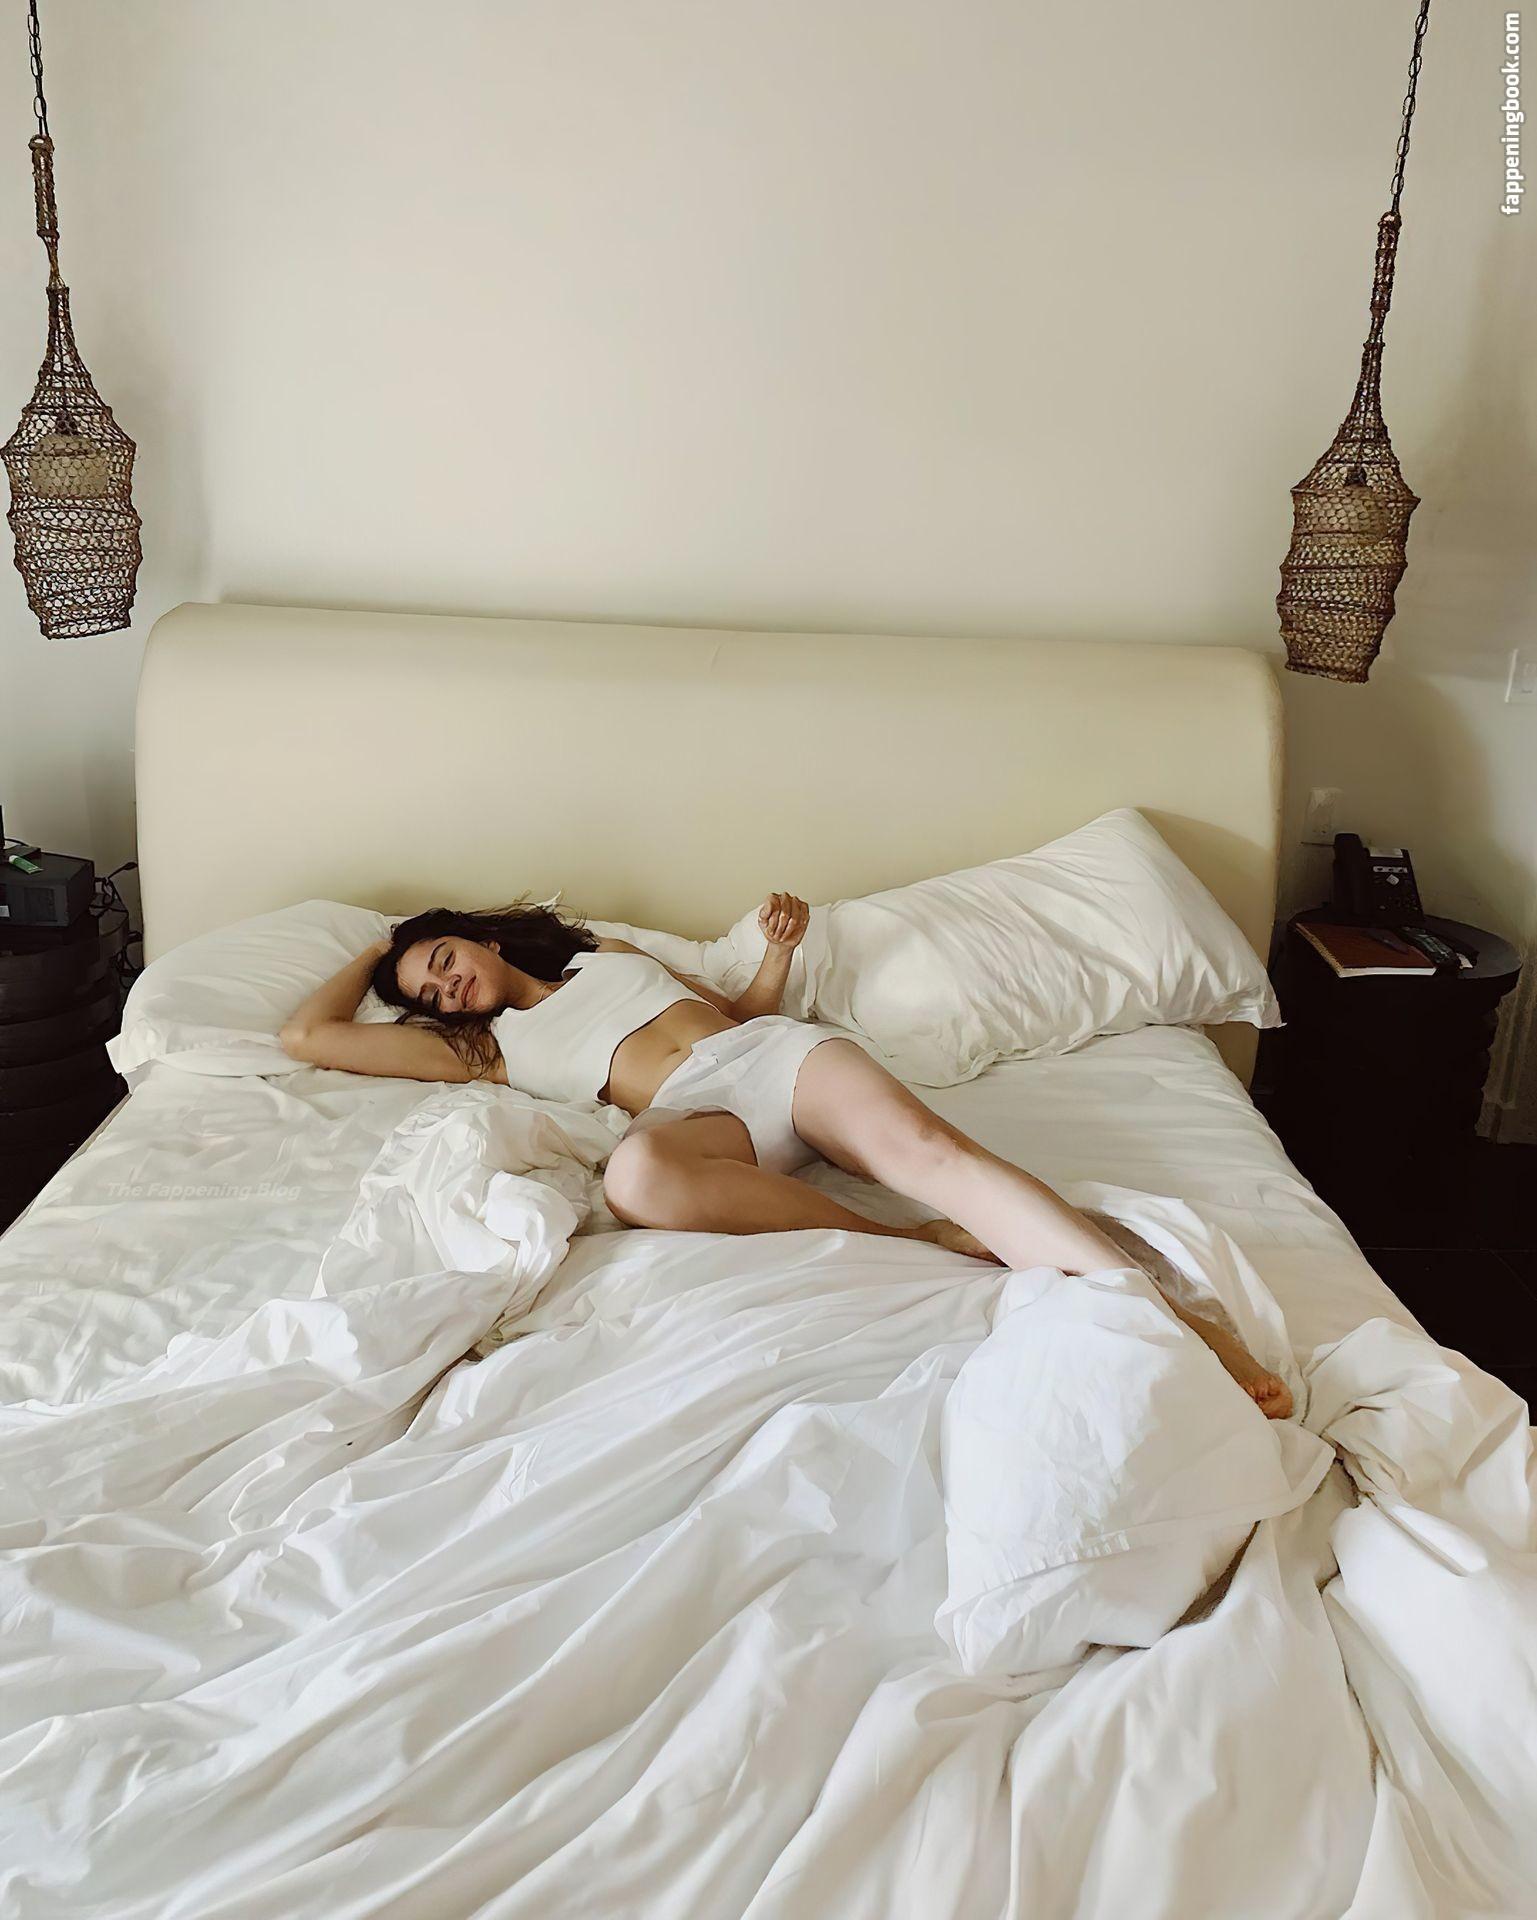 Sasha Calle Nude